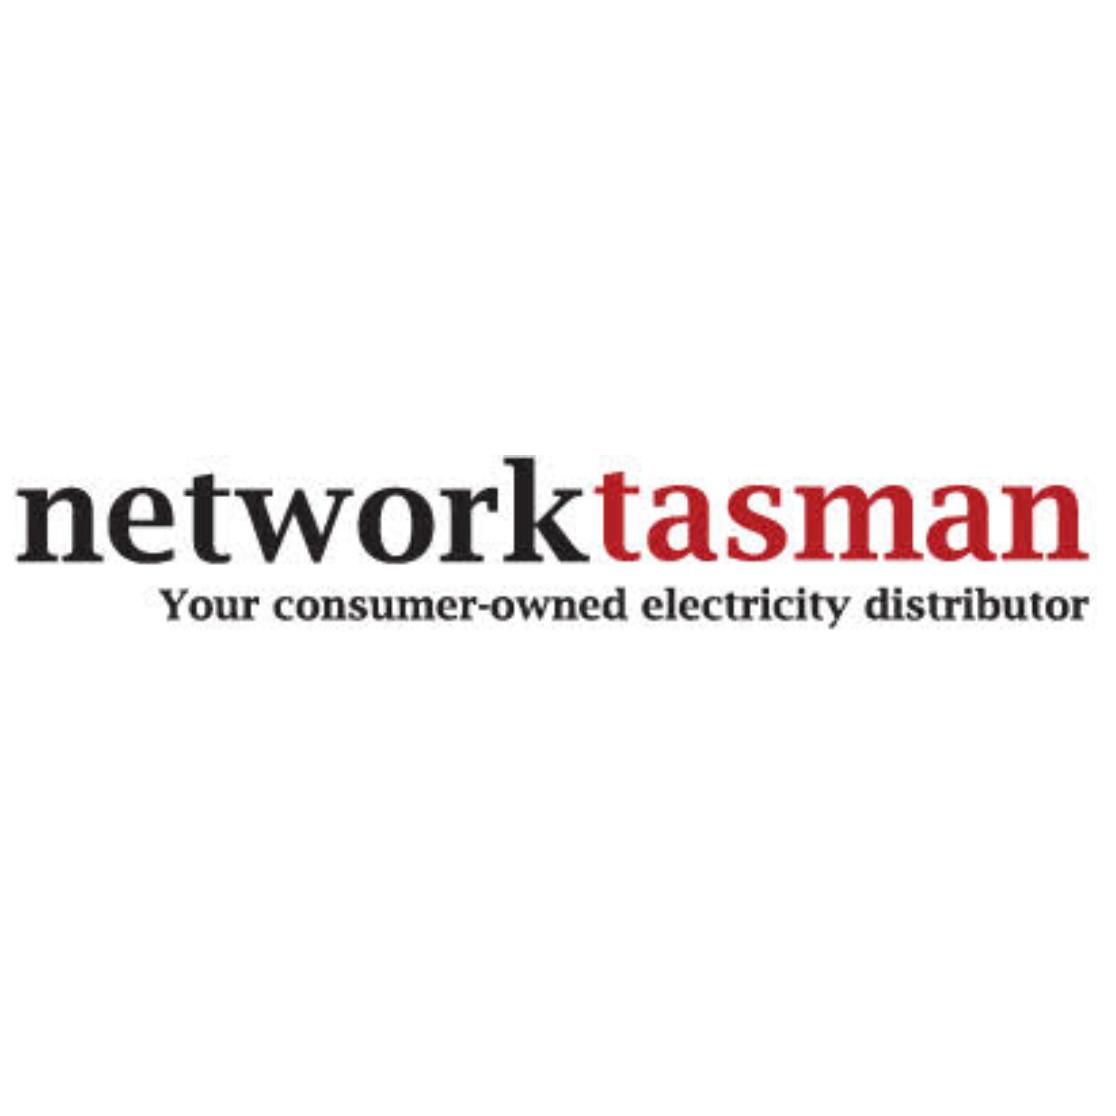 network tasman.png